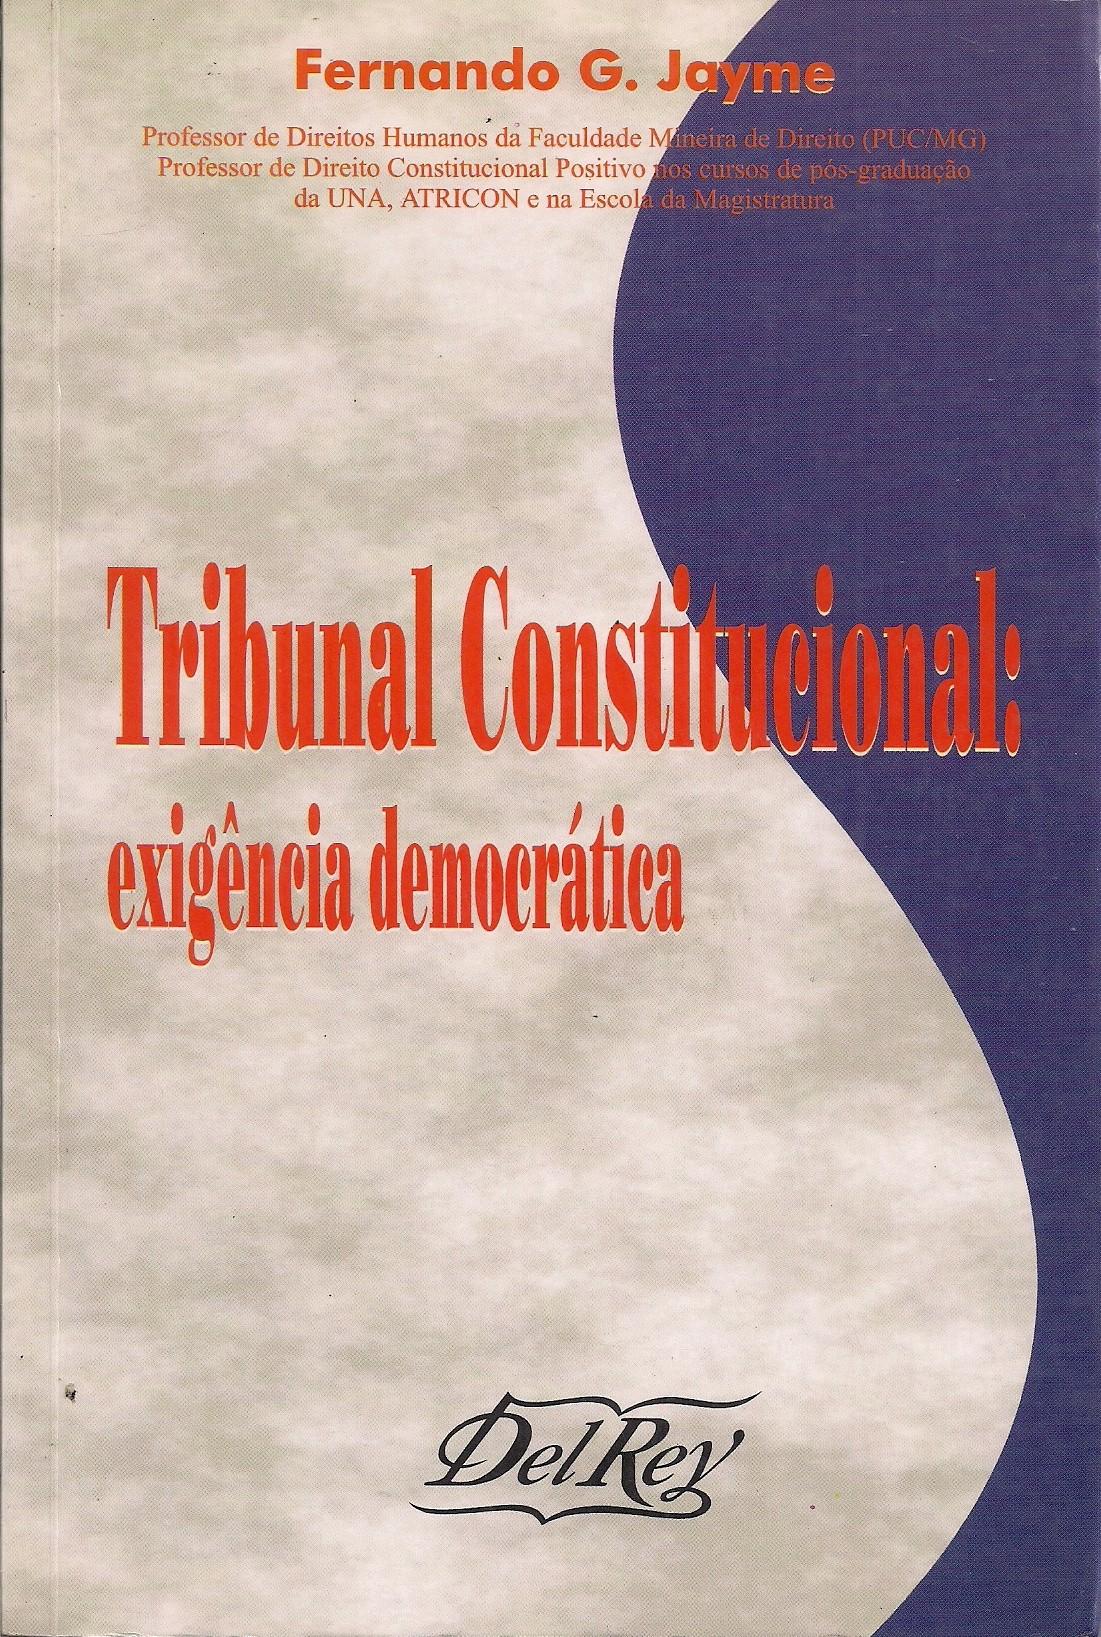 Foto 1 - Tribunal Constitucional: Exigência Democrática